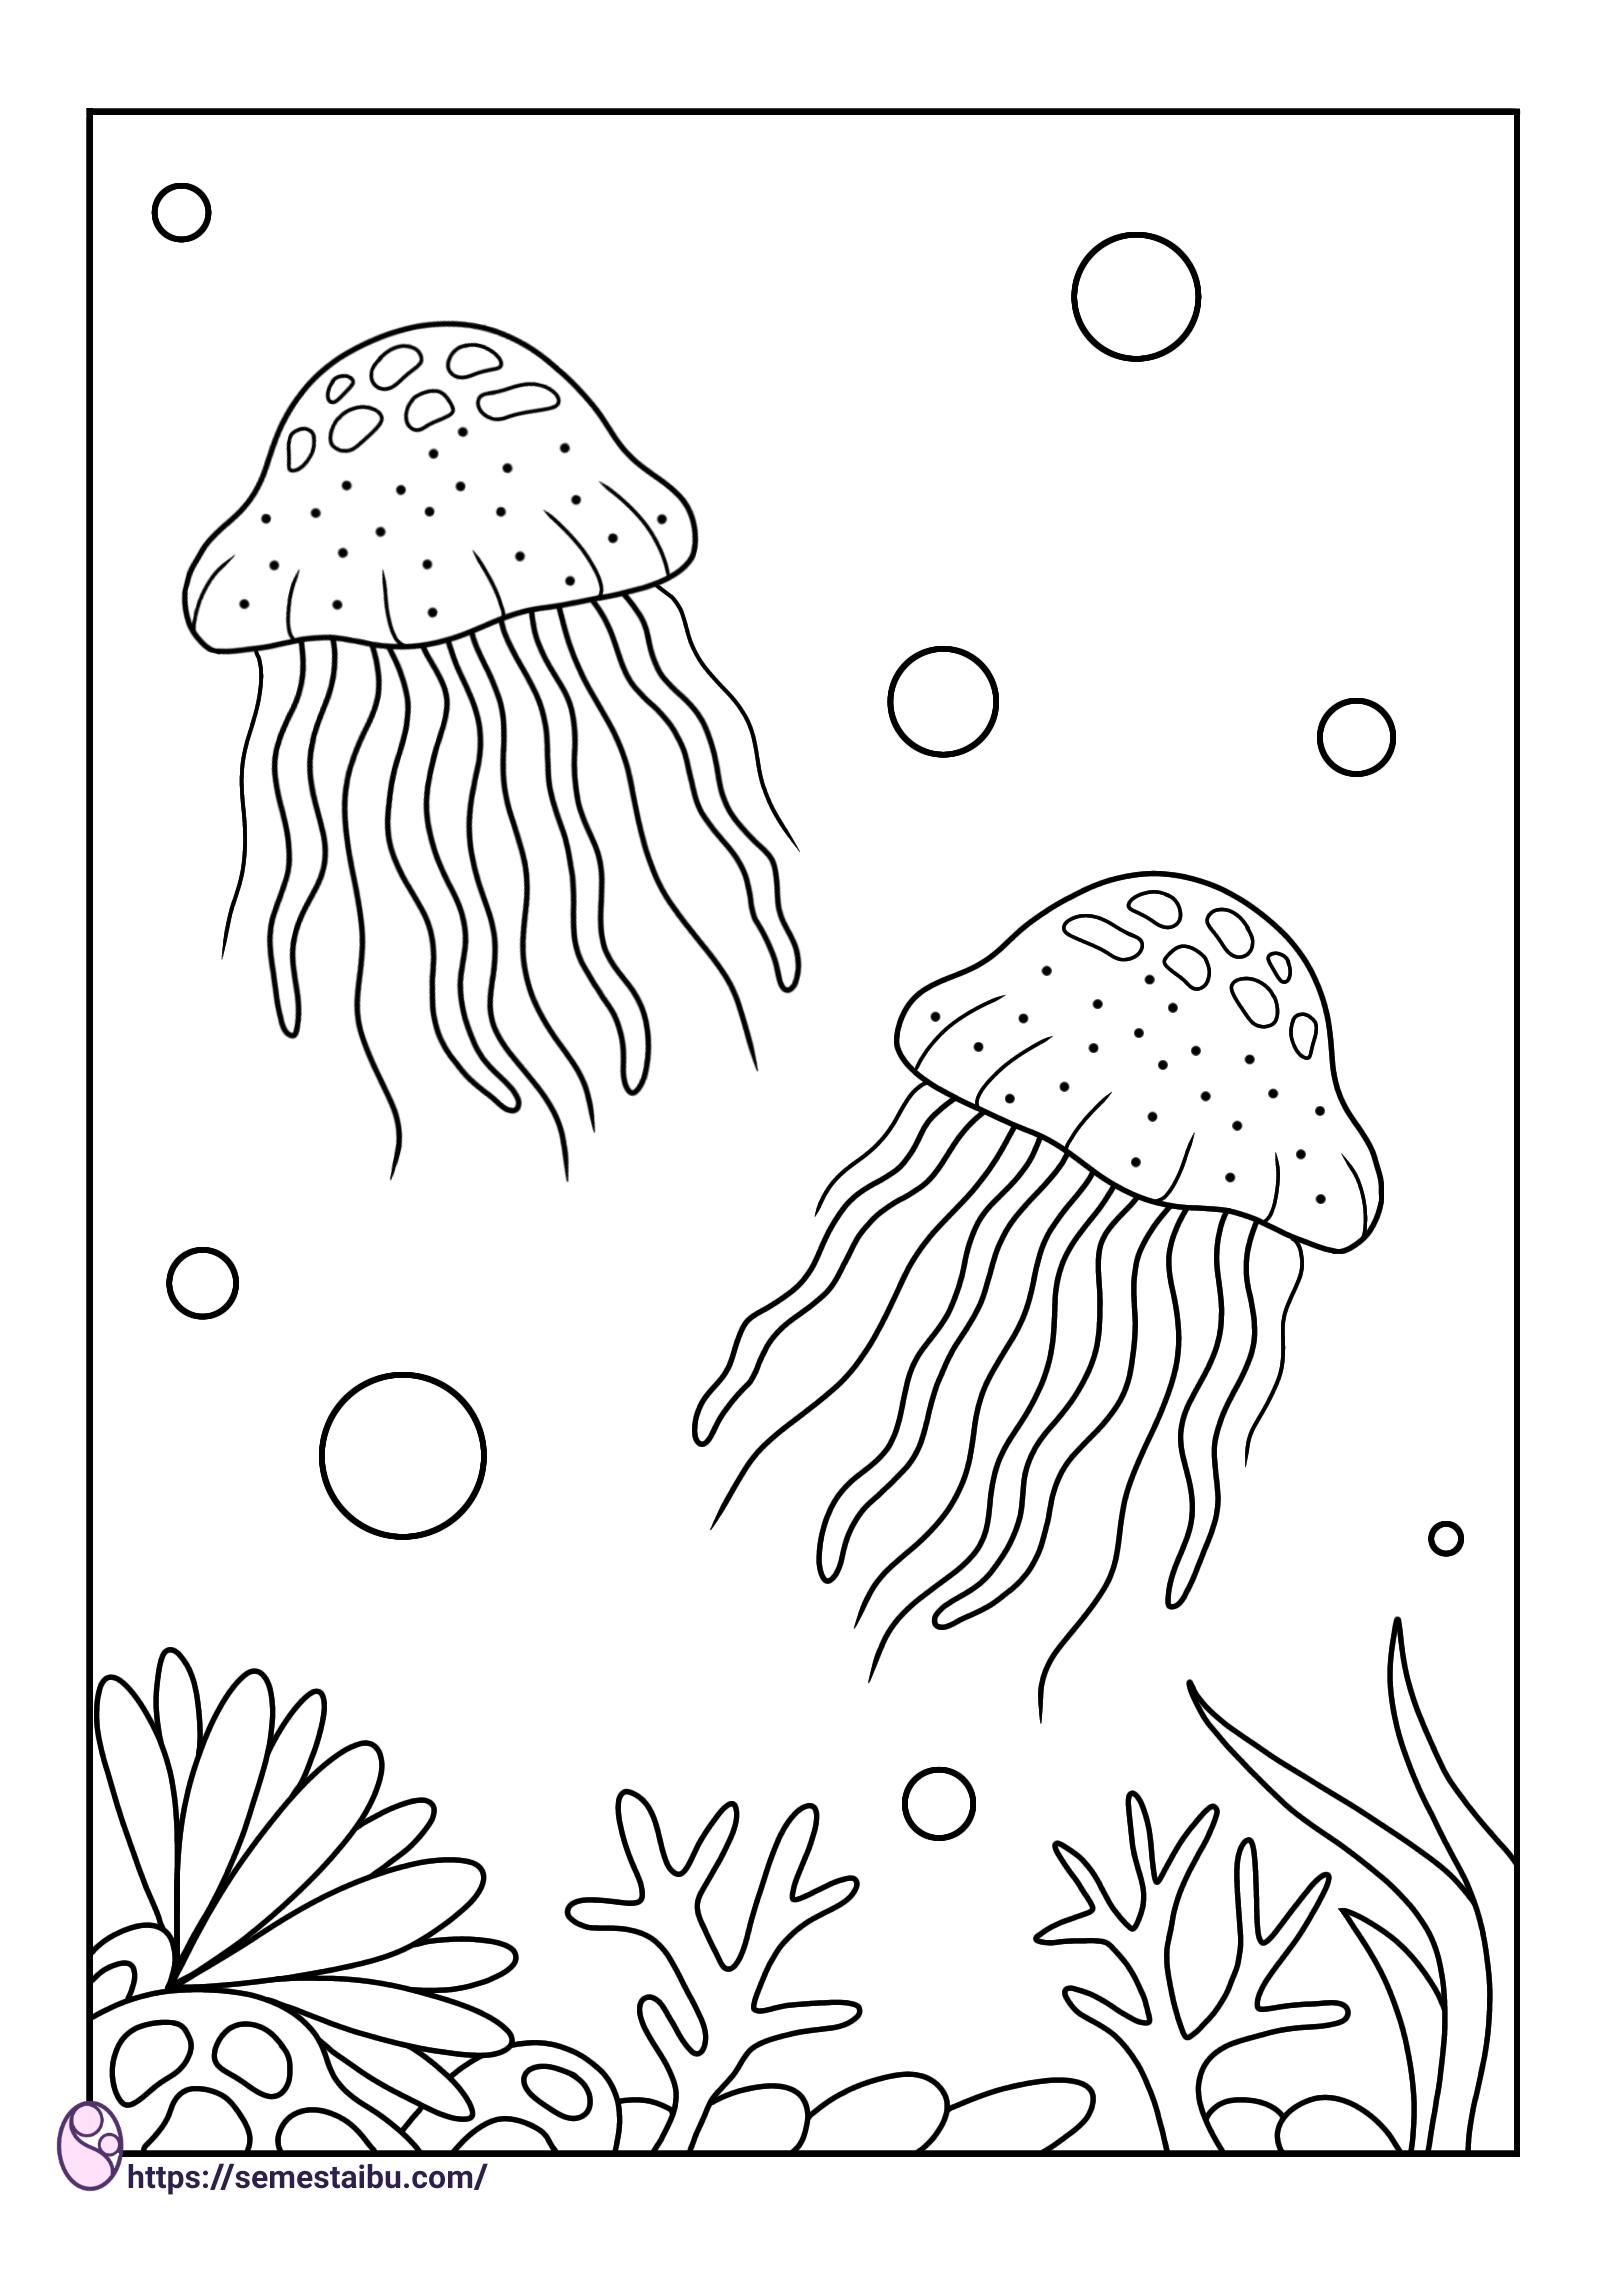 Gambar mewarnai hewan untuk anak tk - ubur ubur